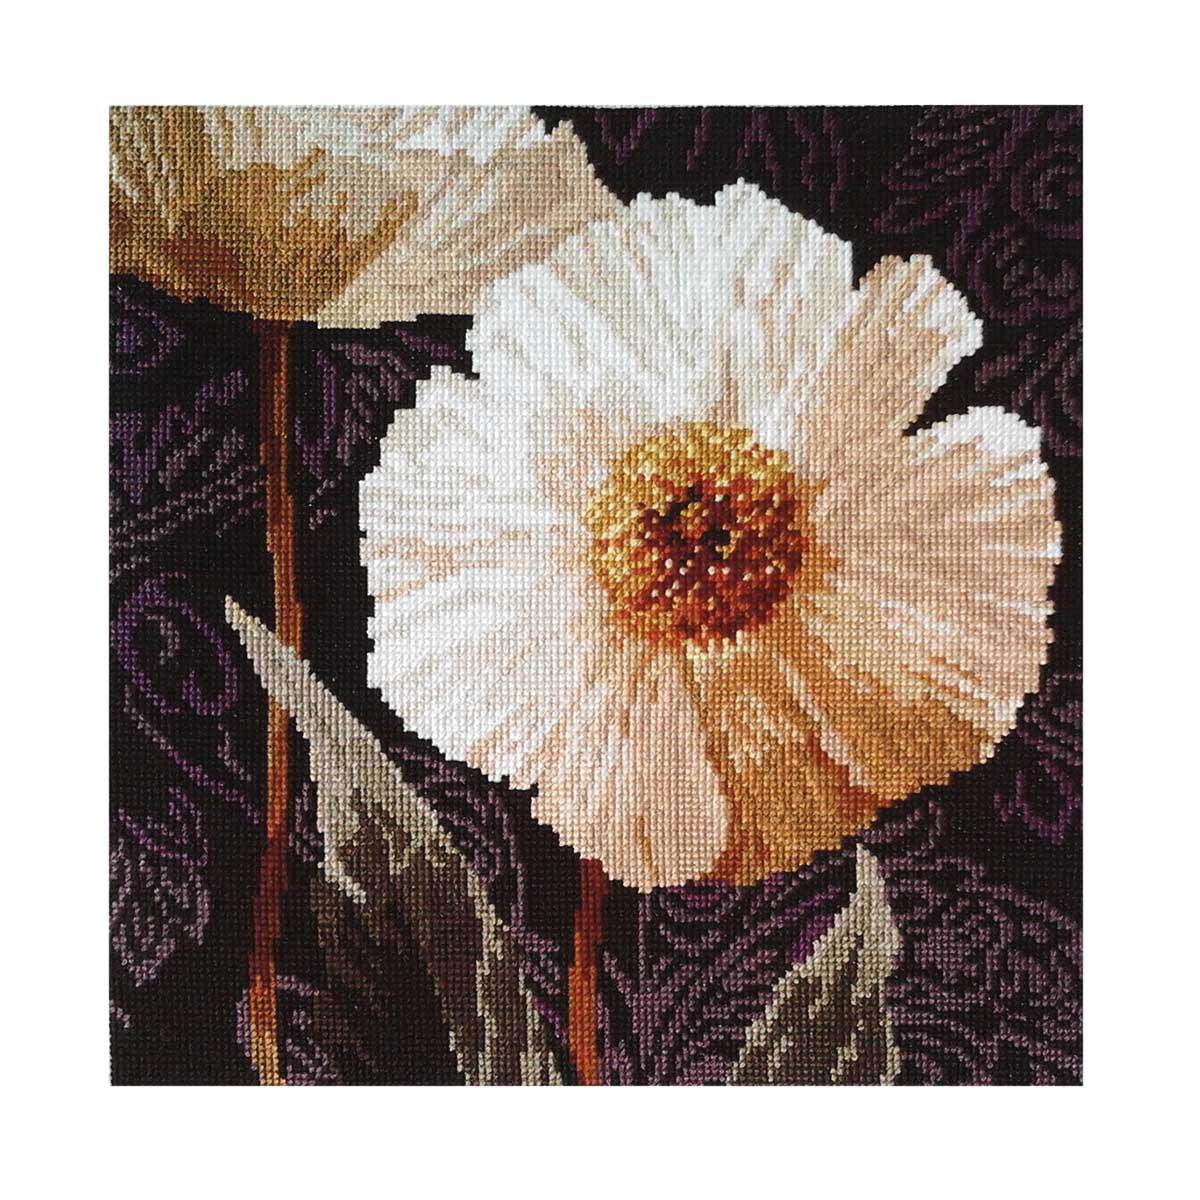 2-16 Набор для вышивания АЛИСА 'Белые цветы. Открытый свету' 25*25см